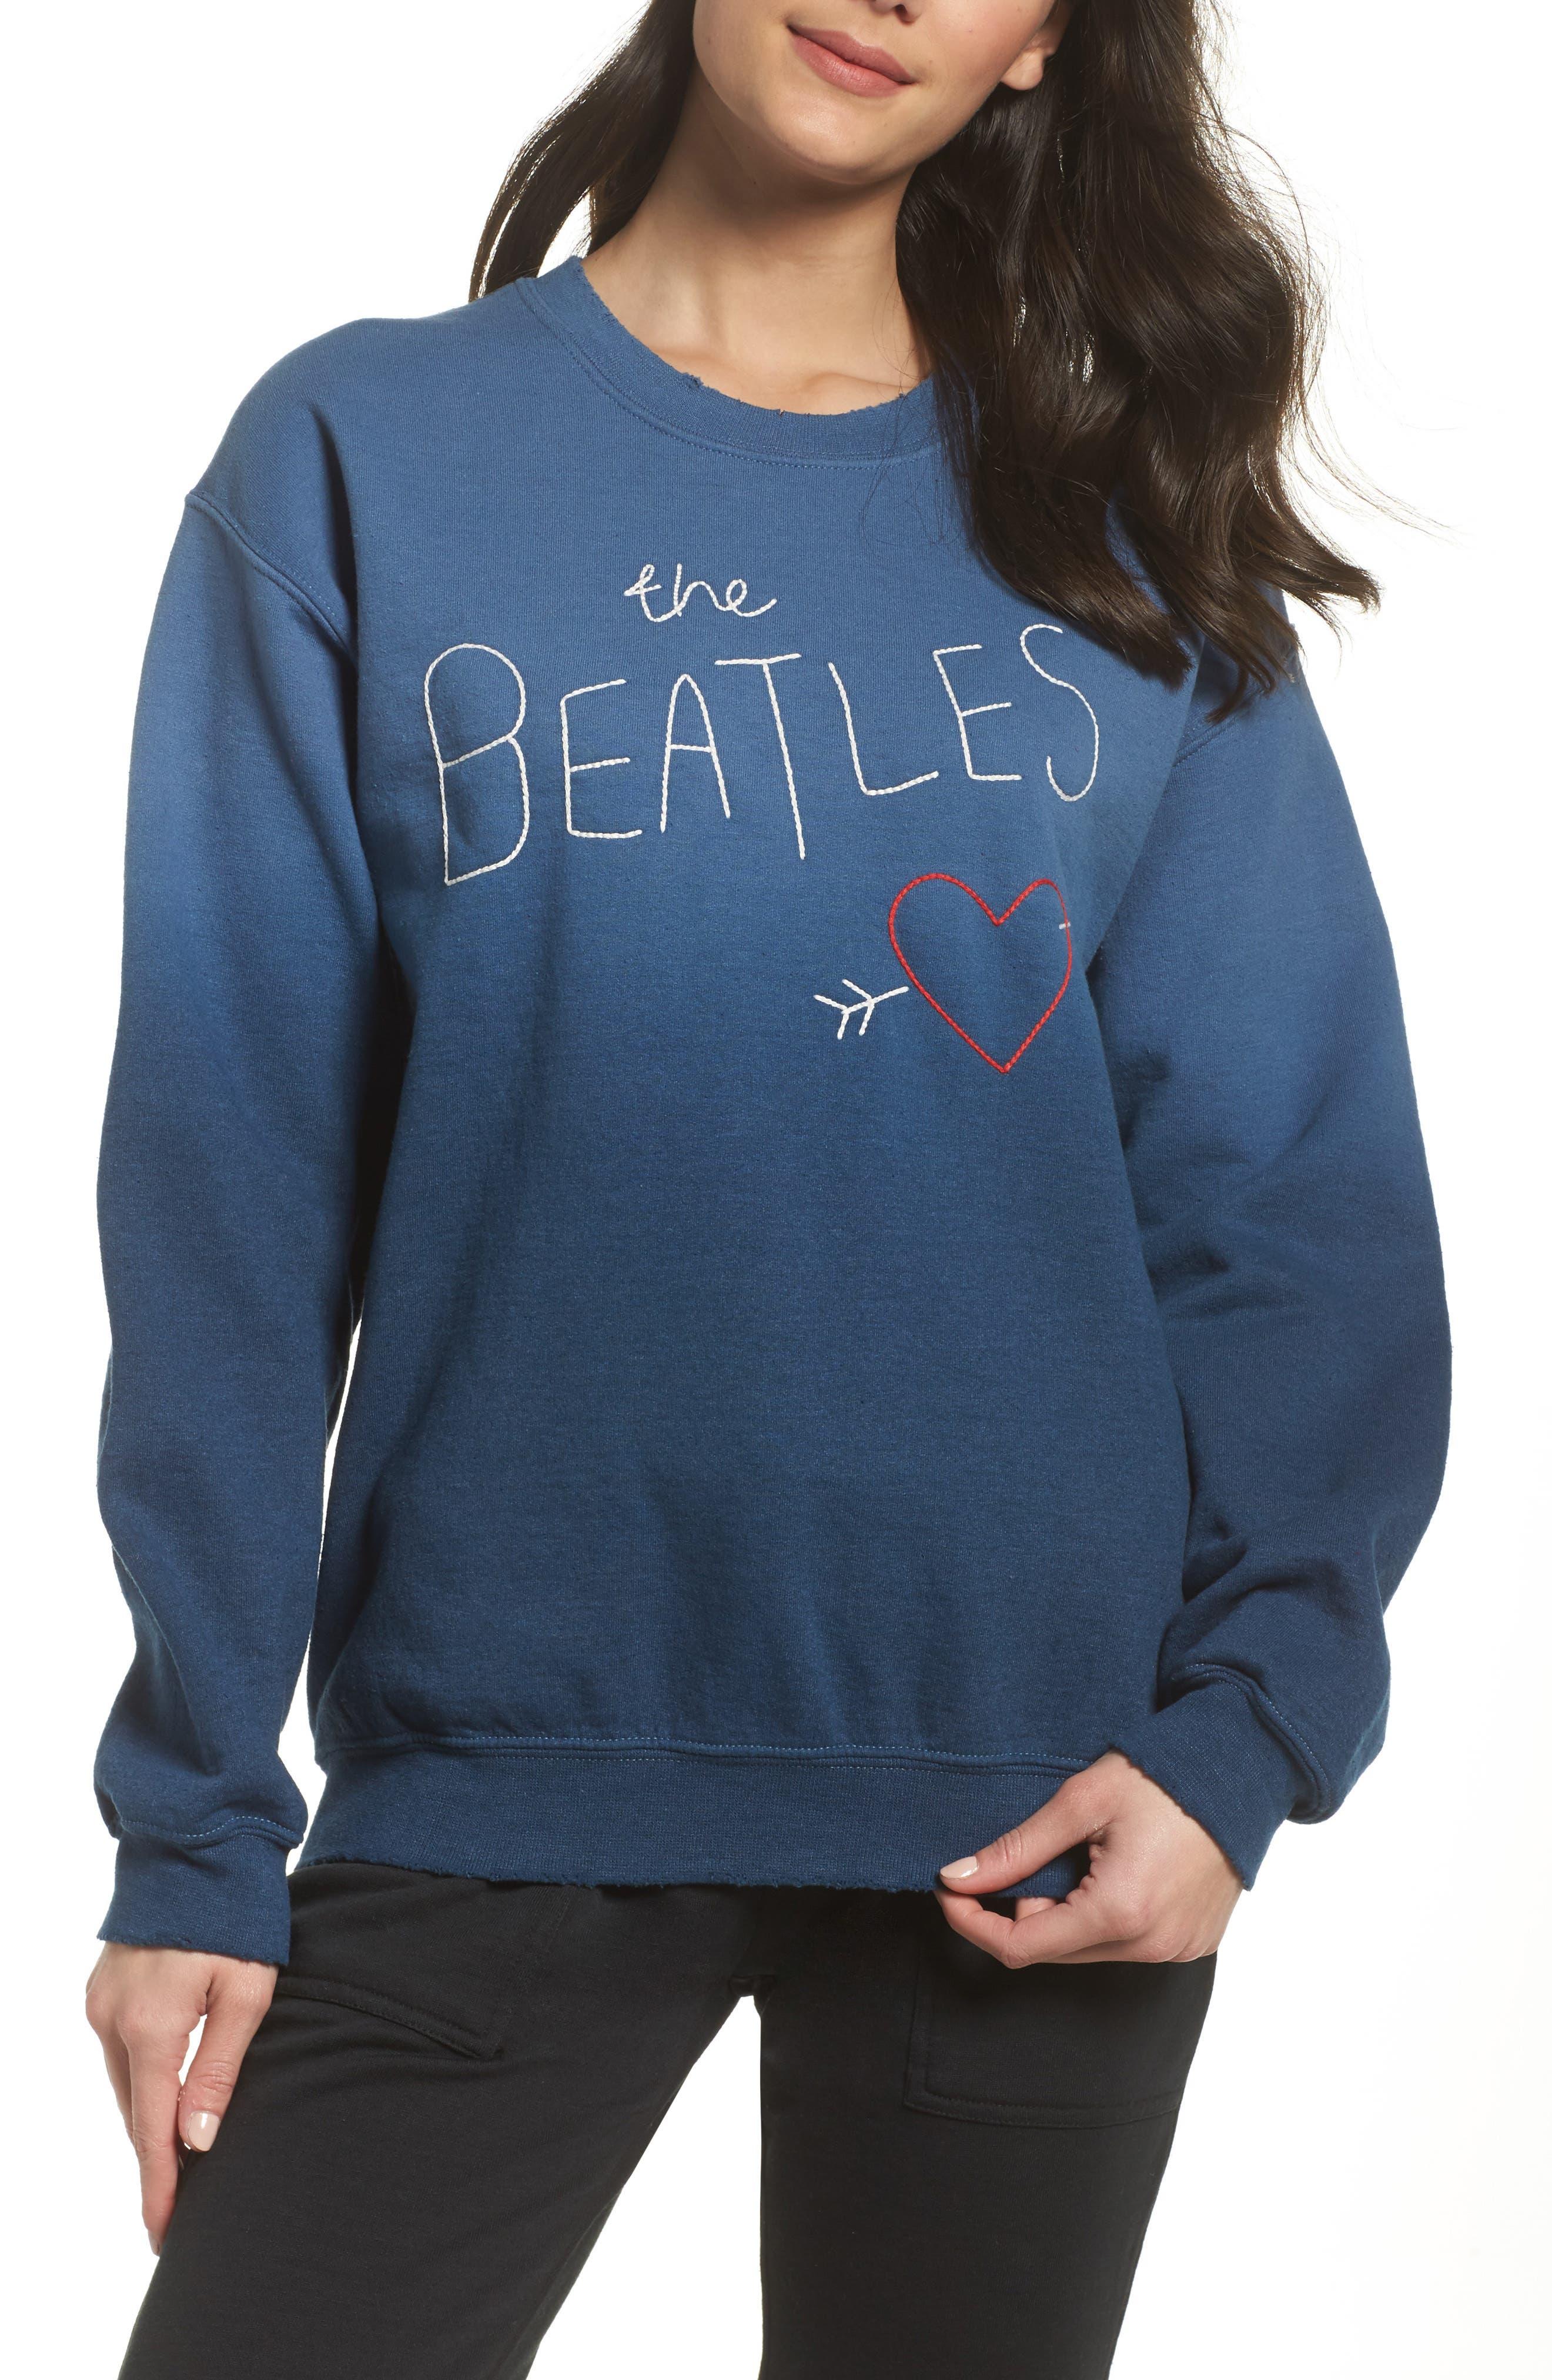 The Beatles Ombré Sweatshirt,                         Main,                         color, 410